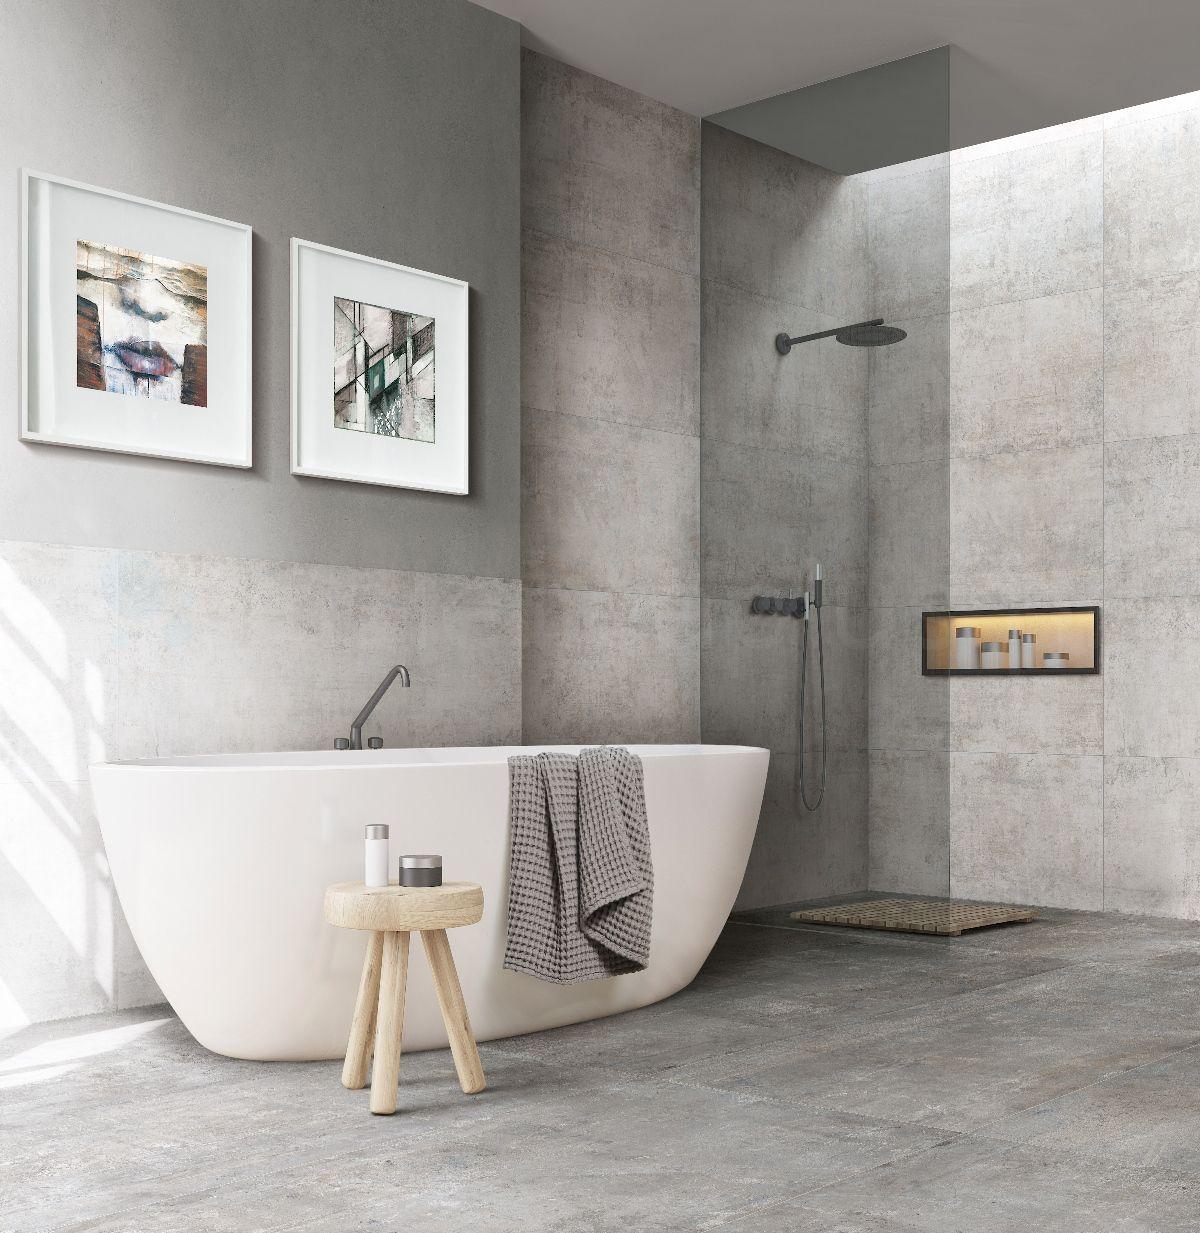 Łazienka z płytkami imitujacymi kamień